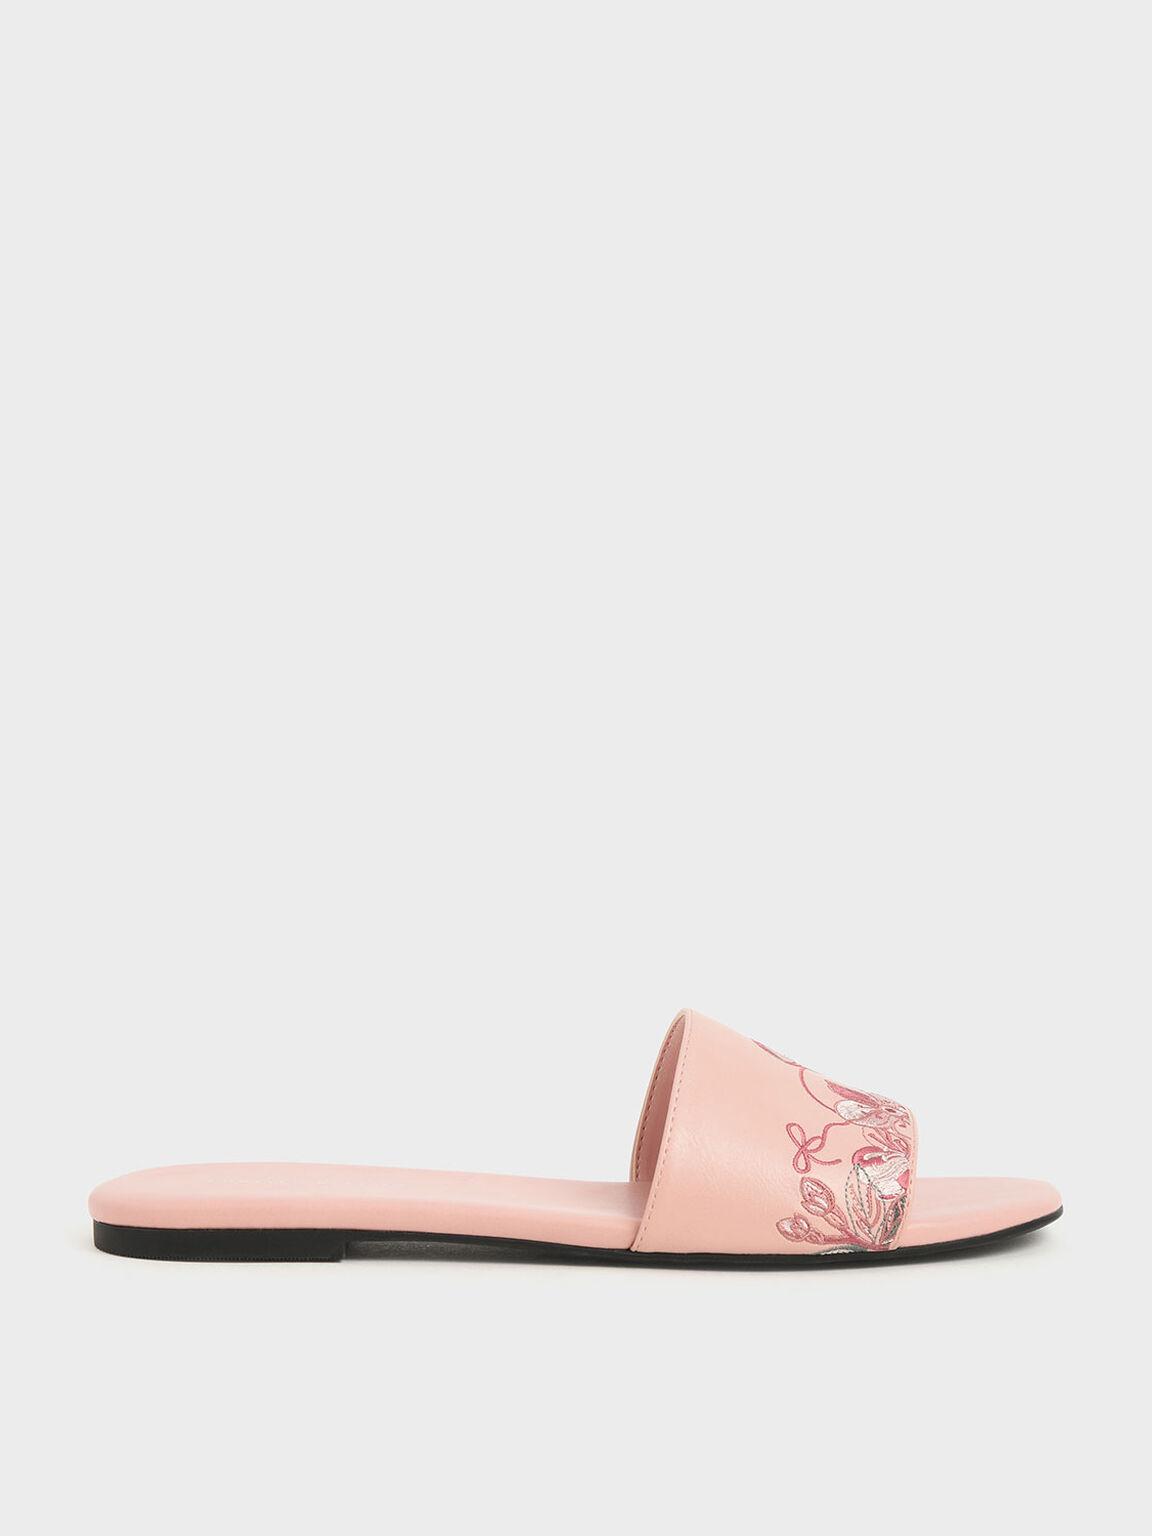 Embroidered Slide Sandals, Pink, hi-res